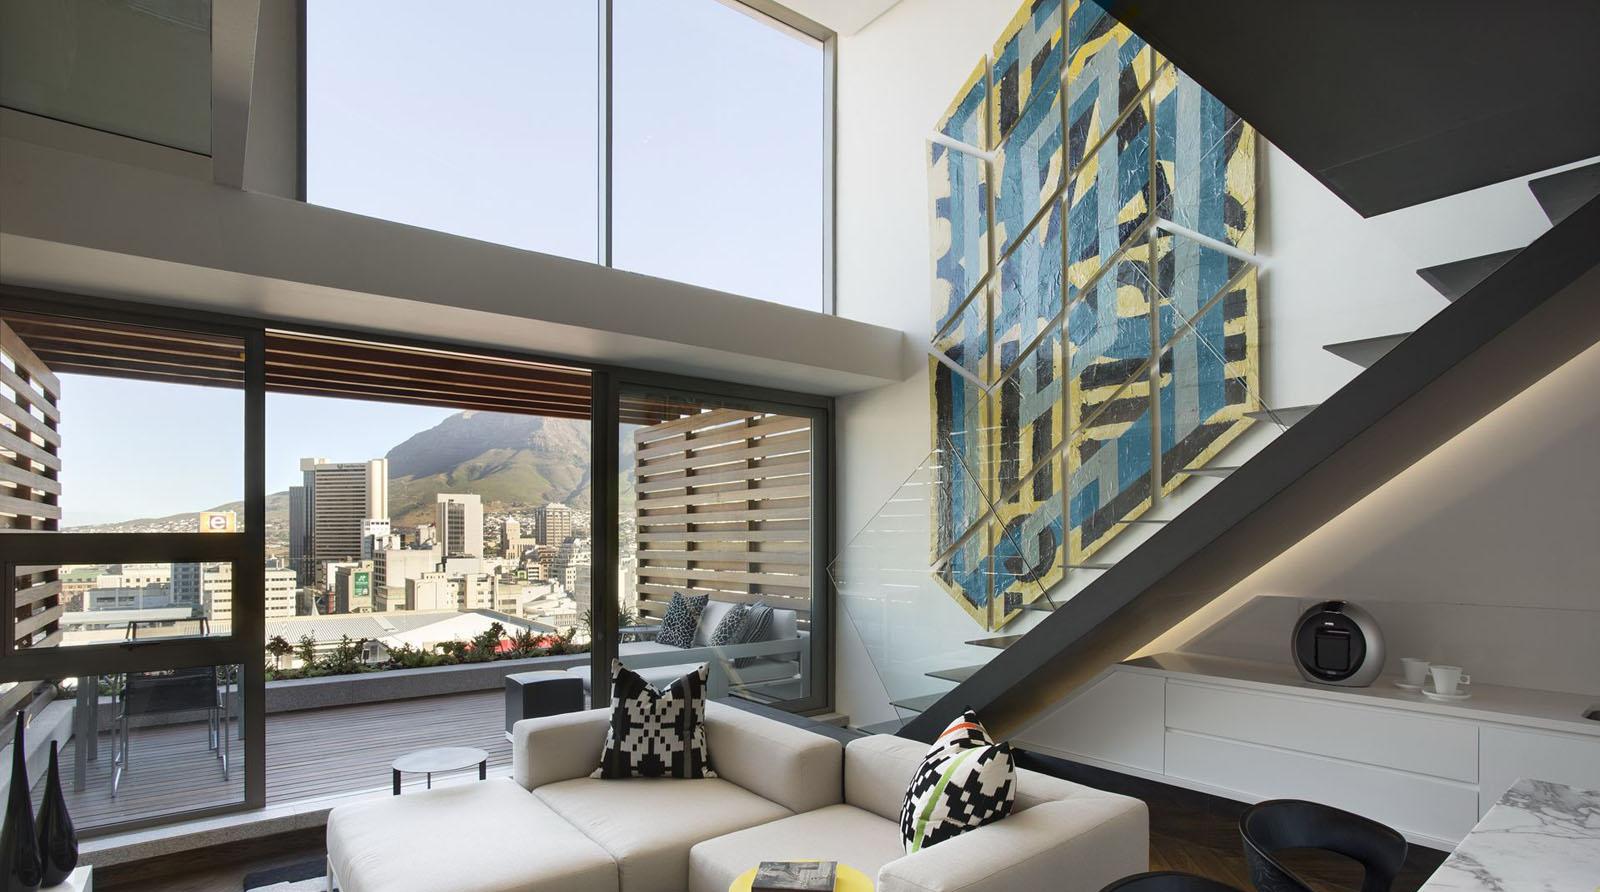 Современная лестница со стеклянным ограждением в интерьере квартиры